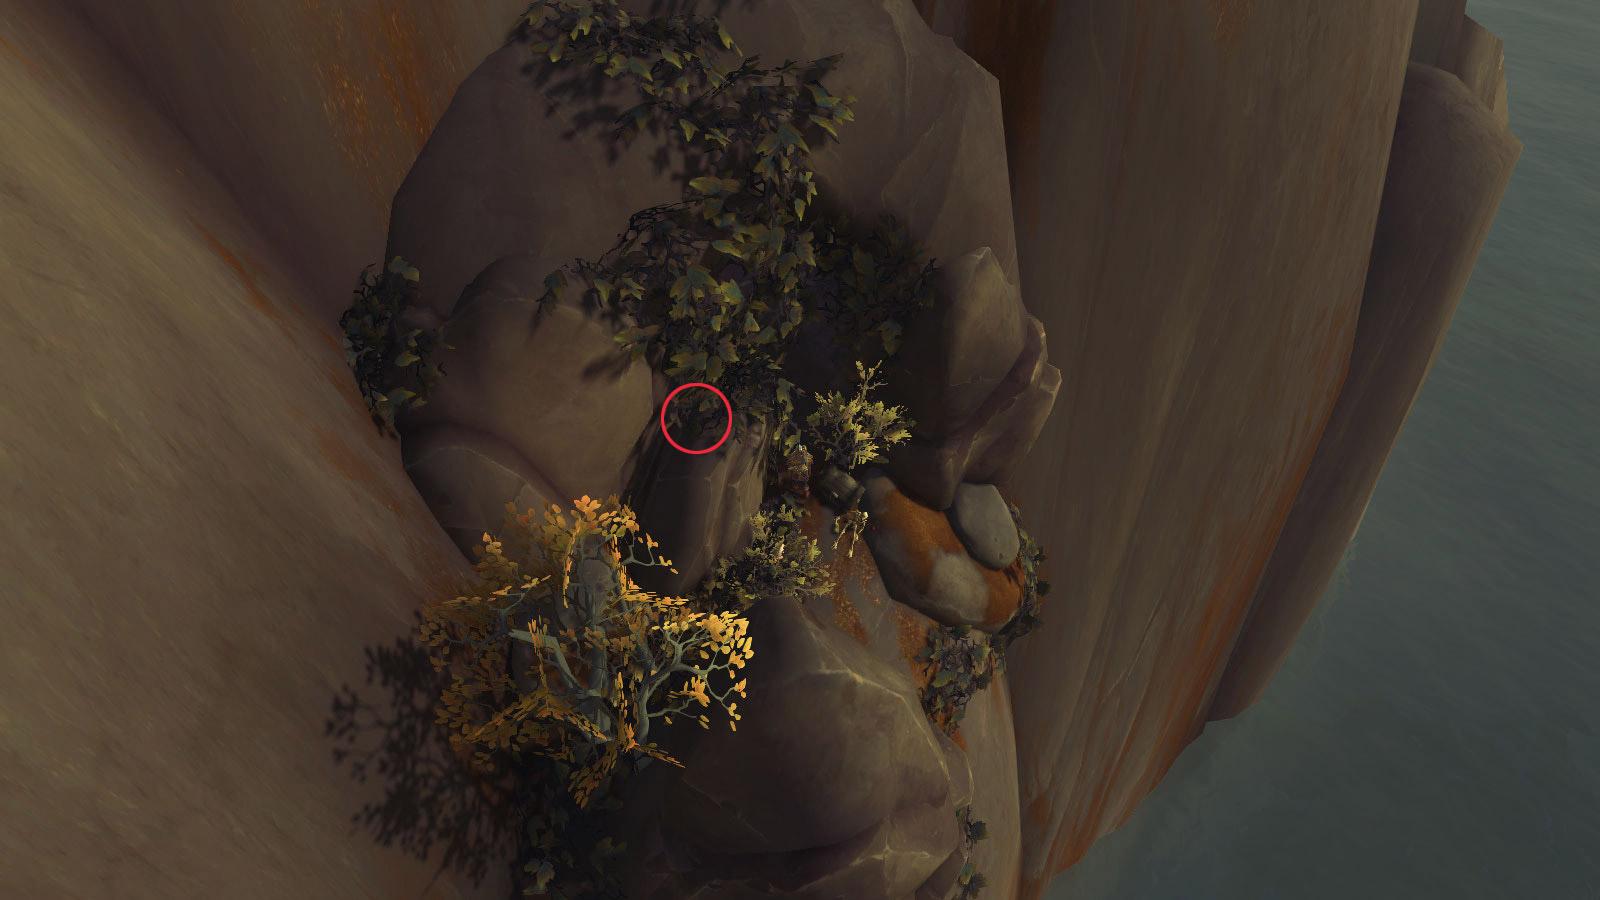 Trouvez la pièce sur le haut de l'entrée de la grotte